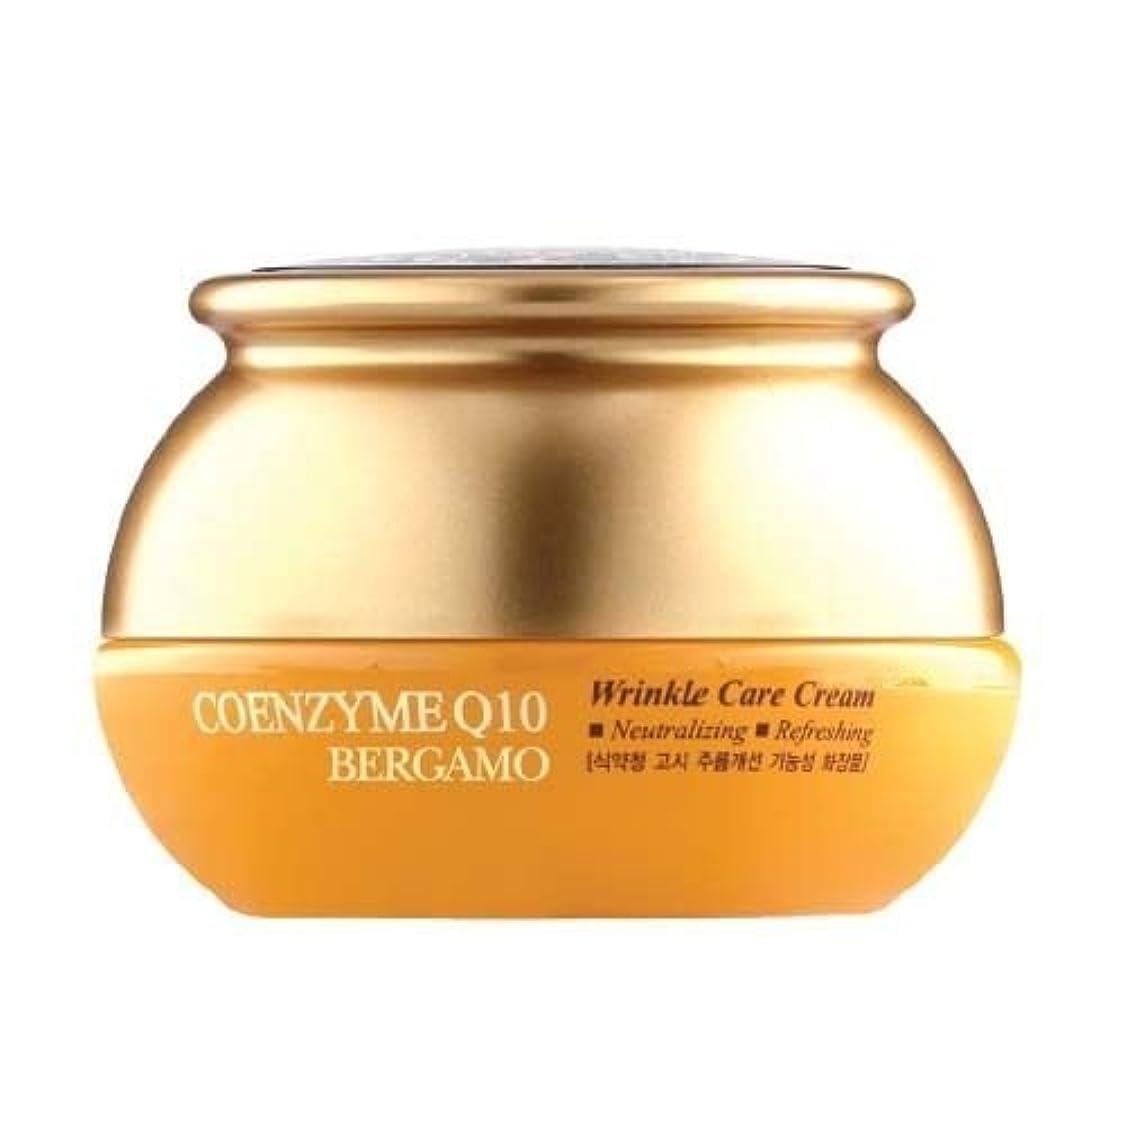 グローコンパニオンコンクリートベルガモ[韓国コスメBergamo]Coenzyme Q10 Wrinkle Care Cream コエンザイムQ10リンクルケアクリーム50ml しわ管理 [並行輸入品]